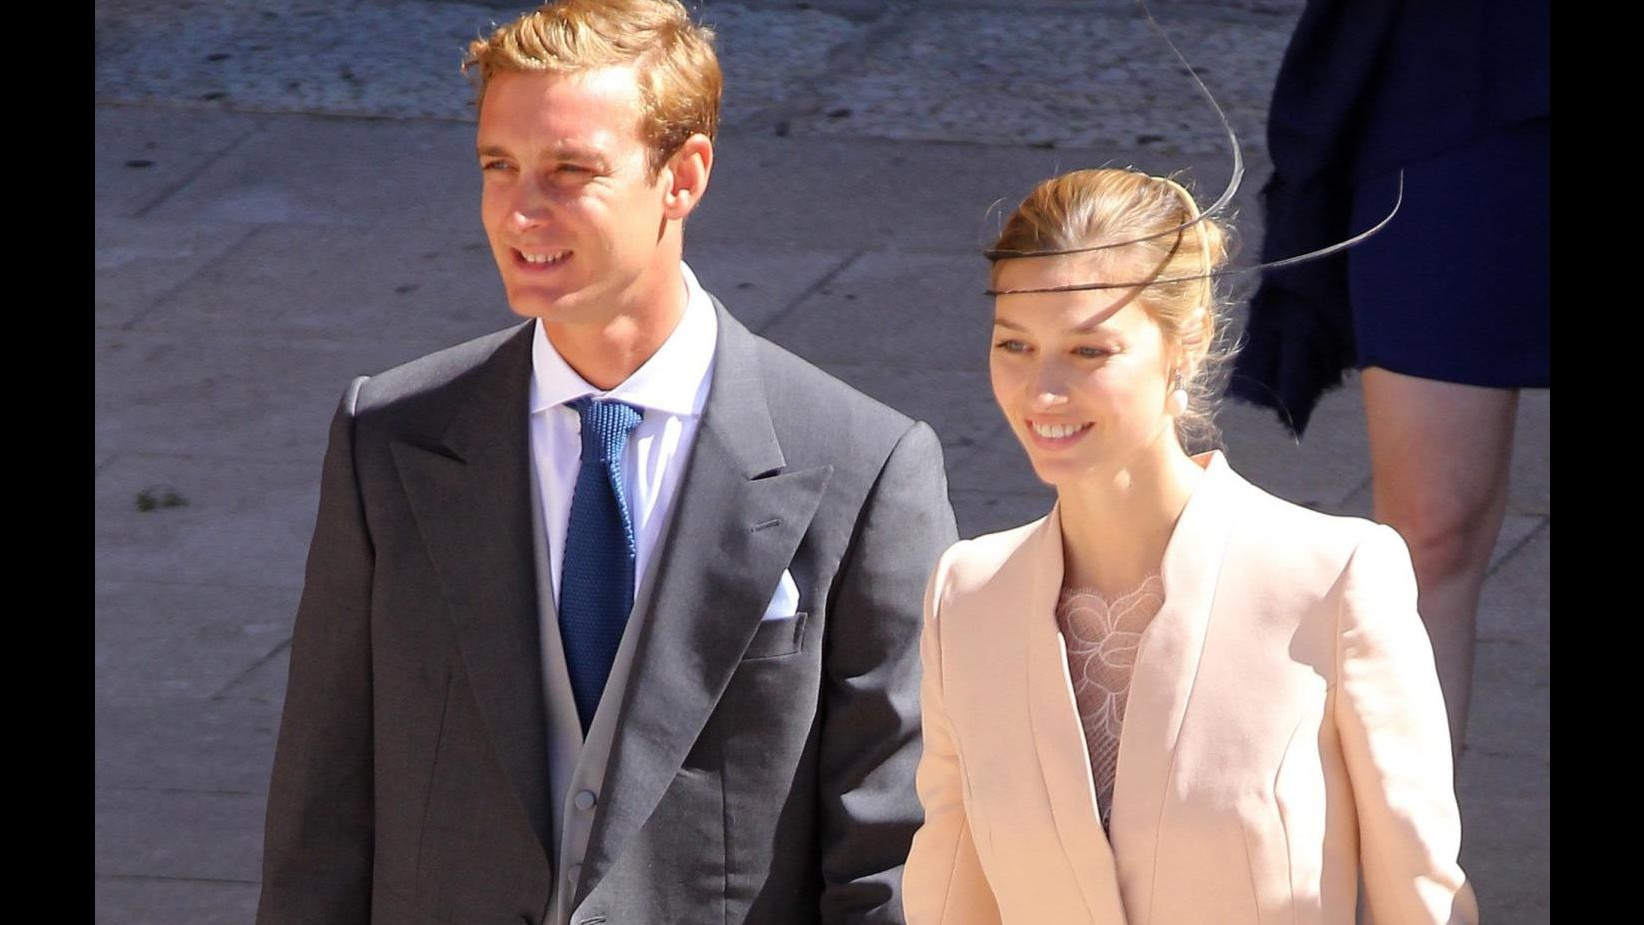 Pierre e Beatrice sposi: oggi il sì dopo 7 anni di fidanzamento